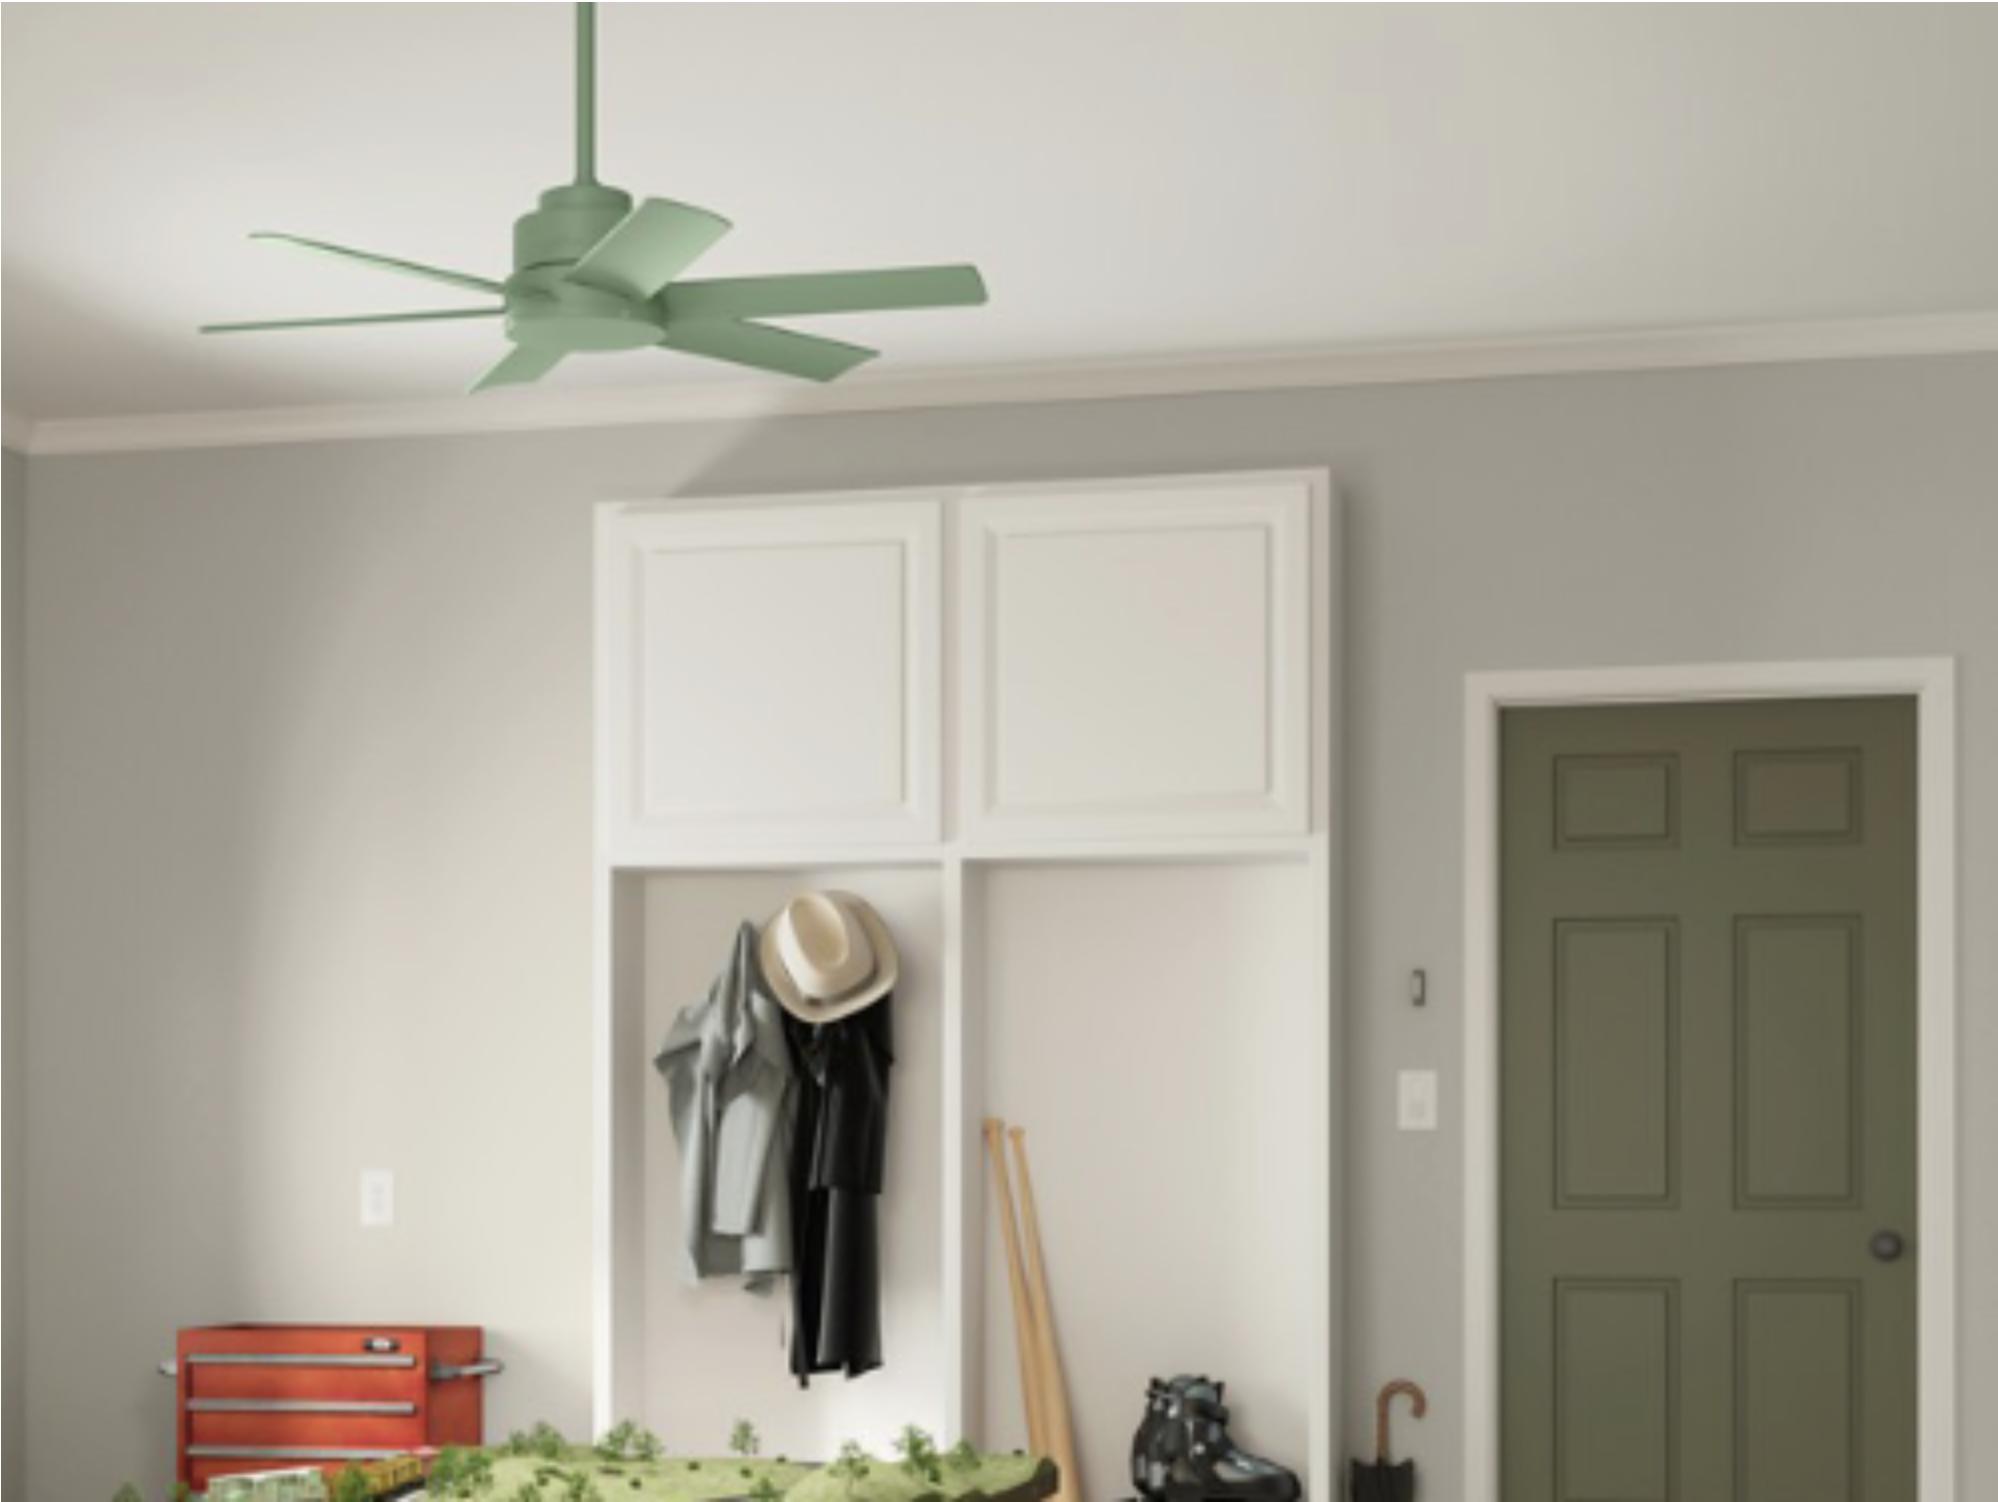 ケニコット ハンター シーリングファン画像 正規輸入品販売ハンターストア